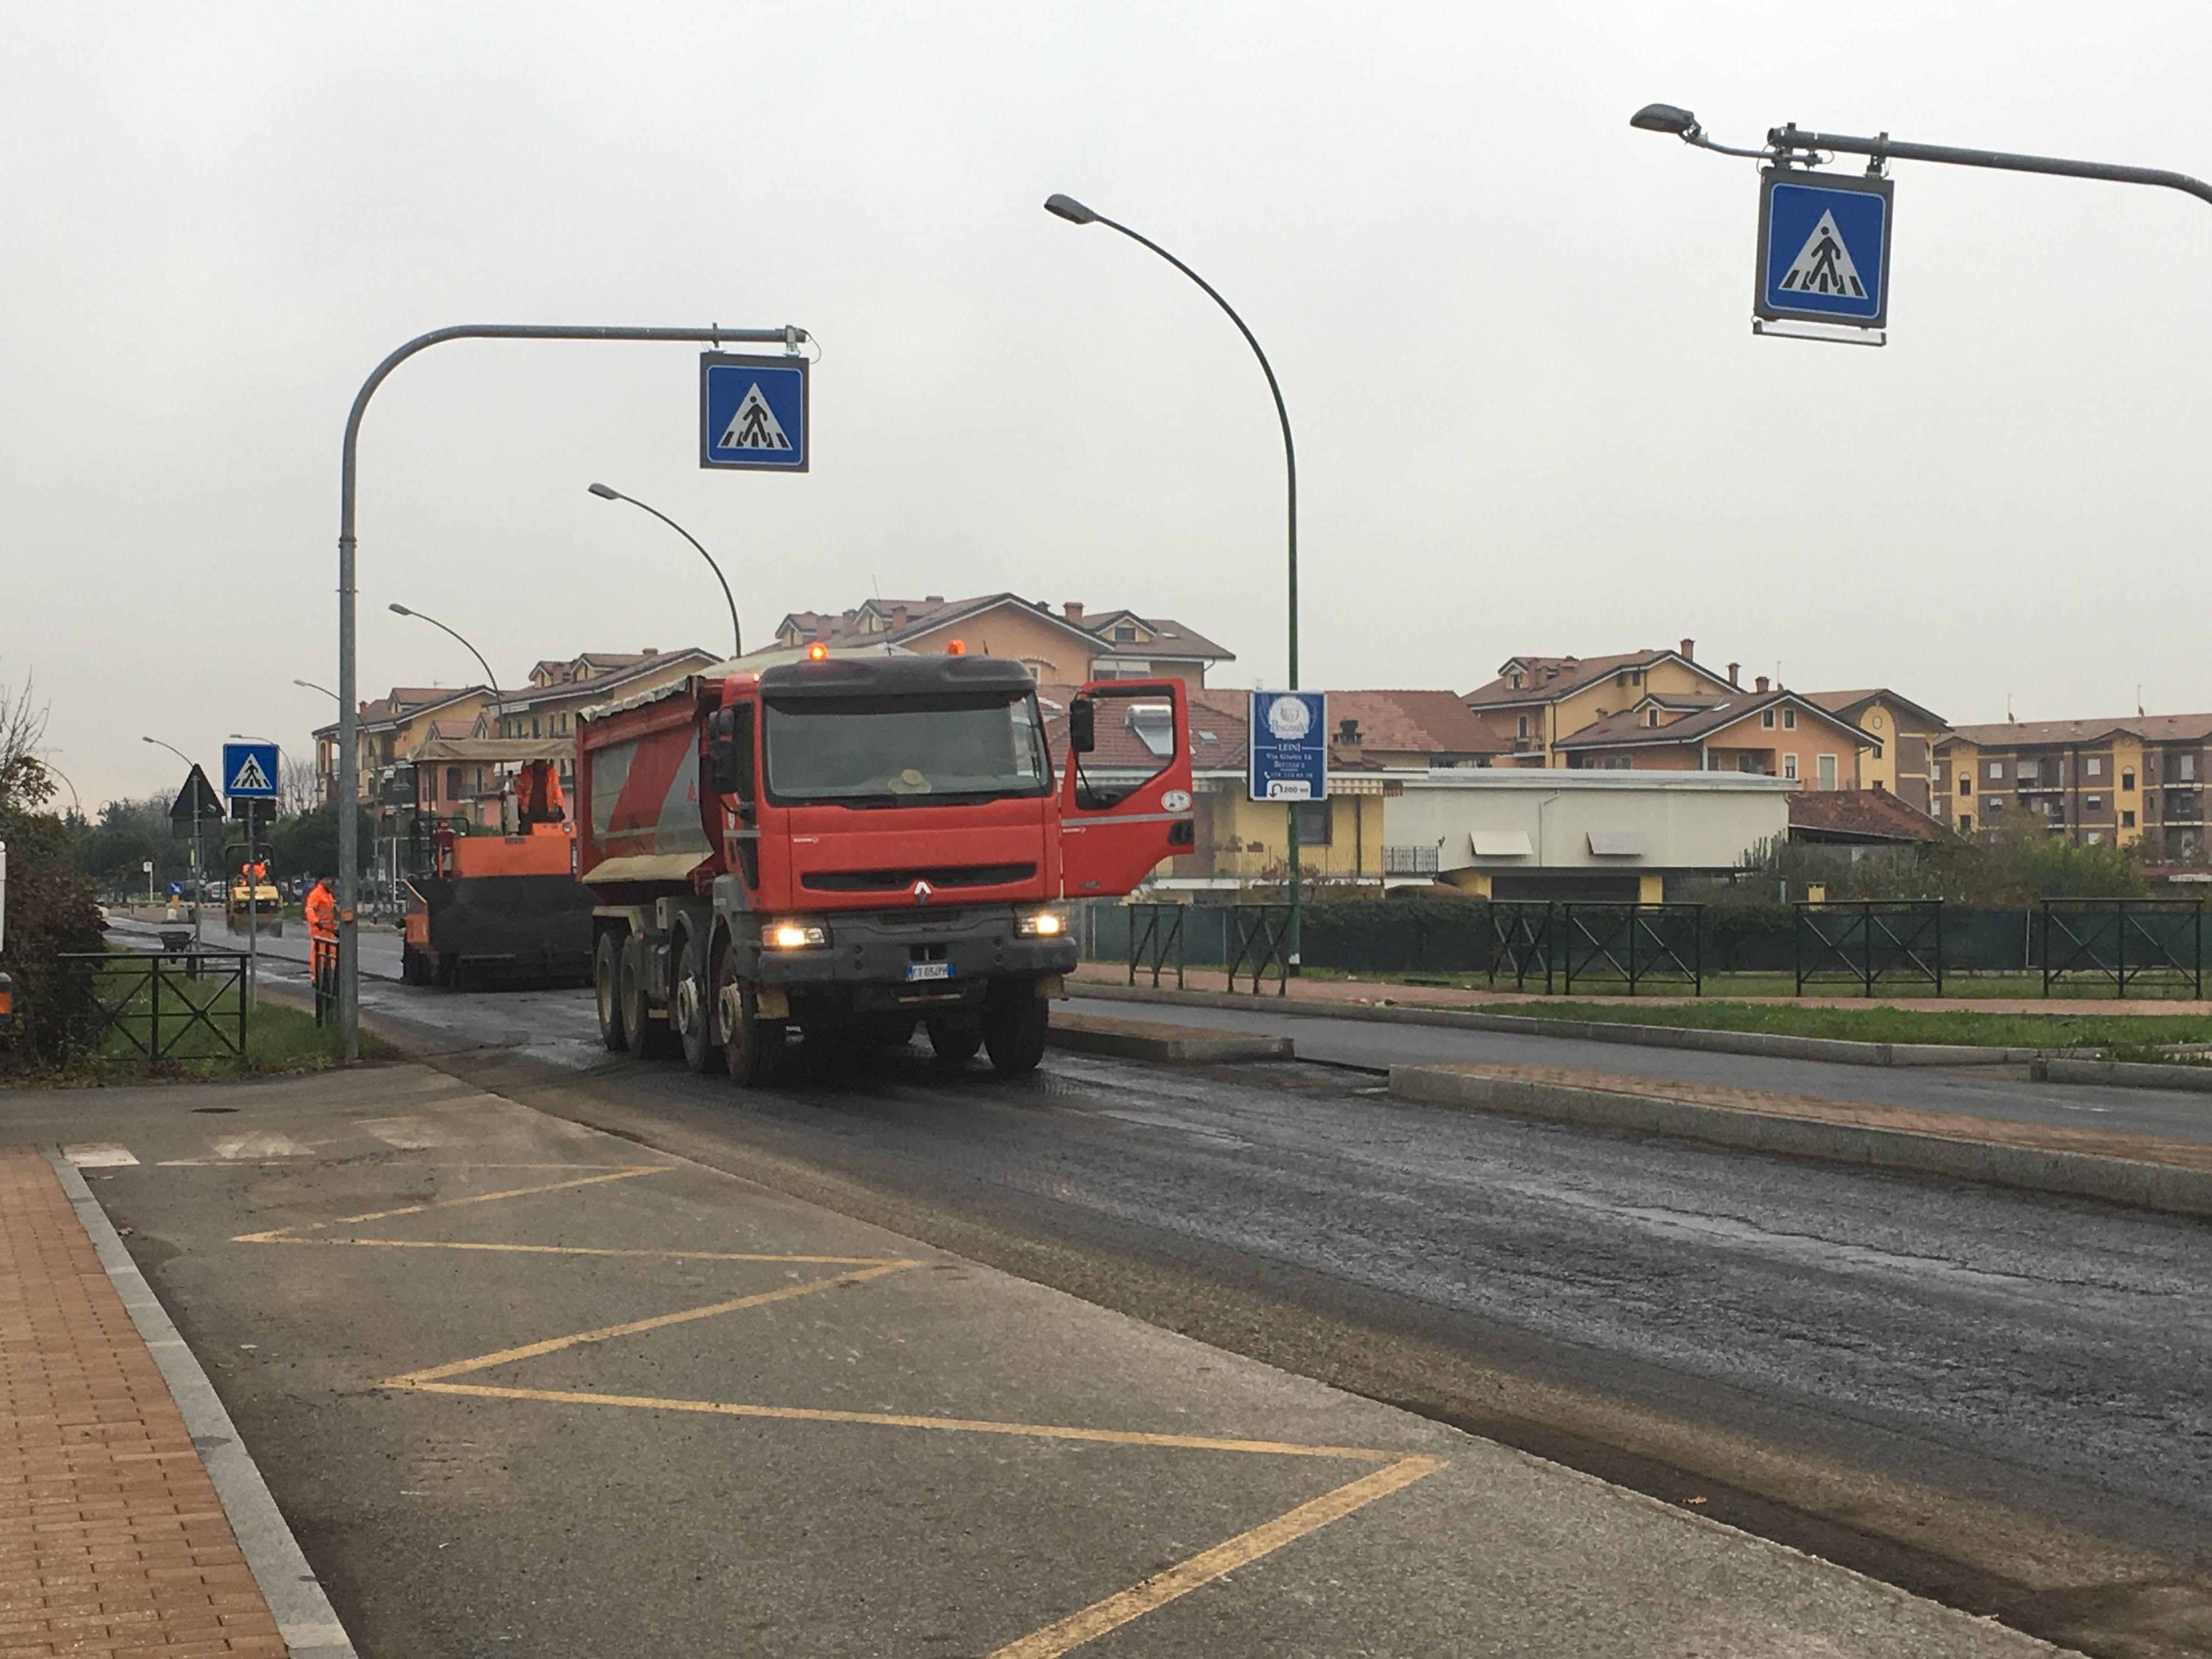 LEINI - Dopo le polemiche politiche, partono i lavori sulle strade